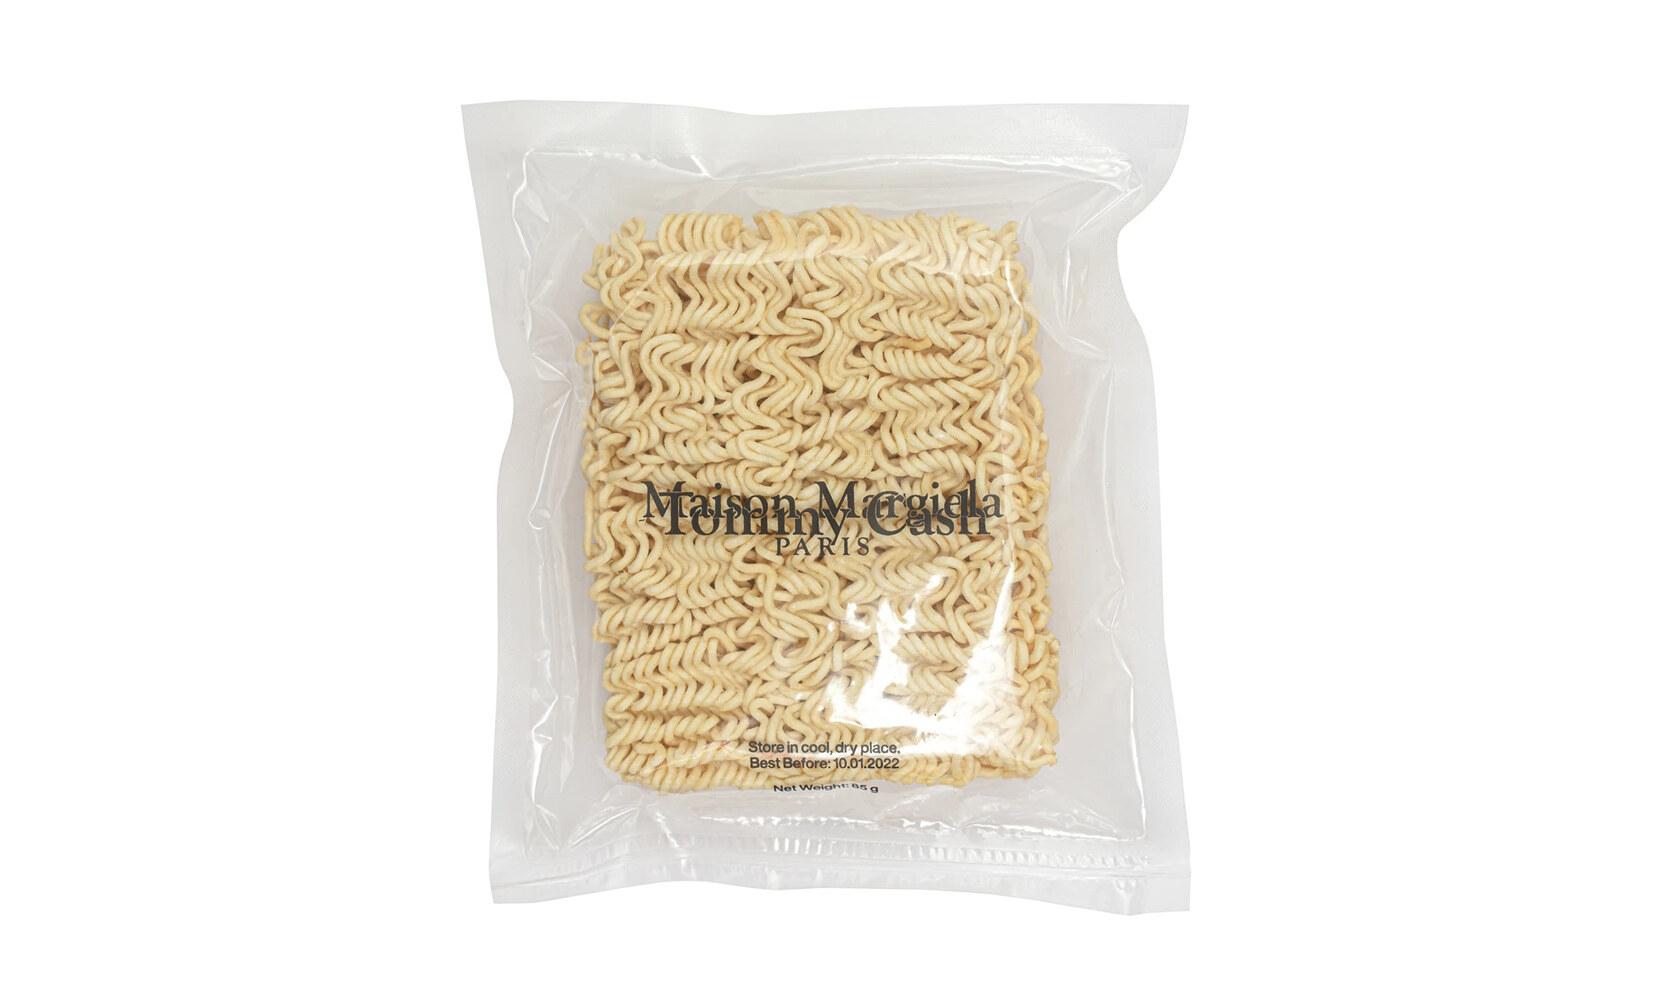 Maison Margiela x Tommy Cash Noodles